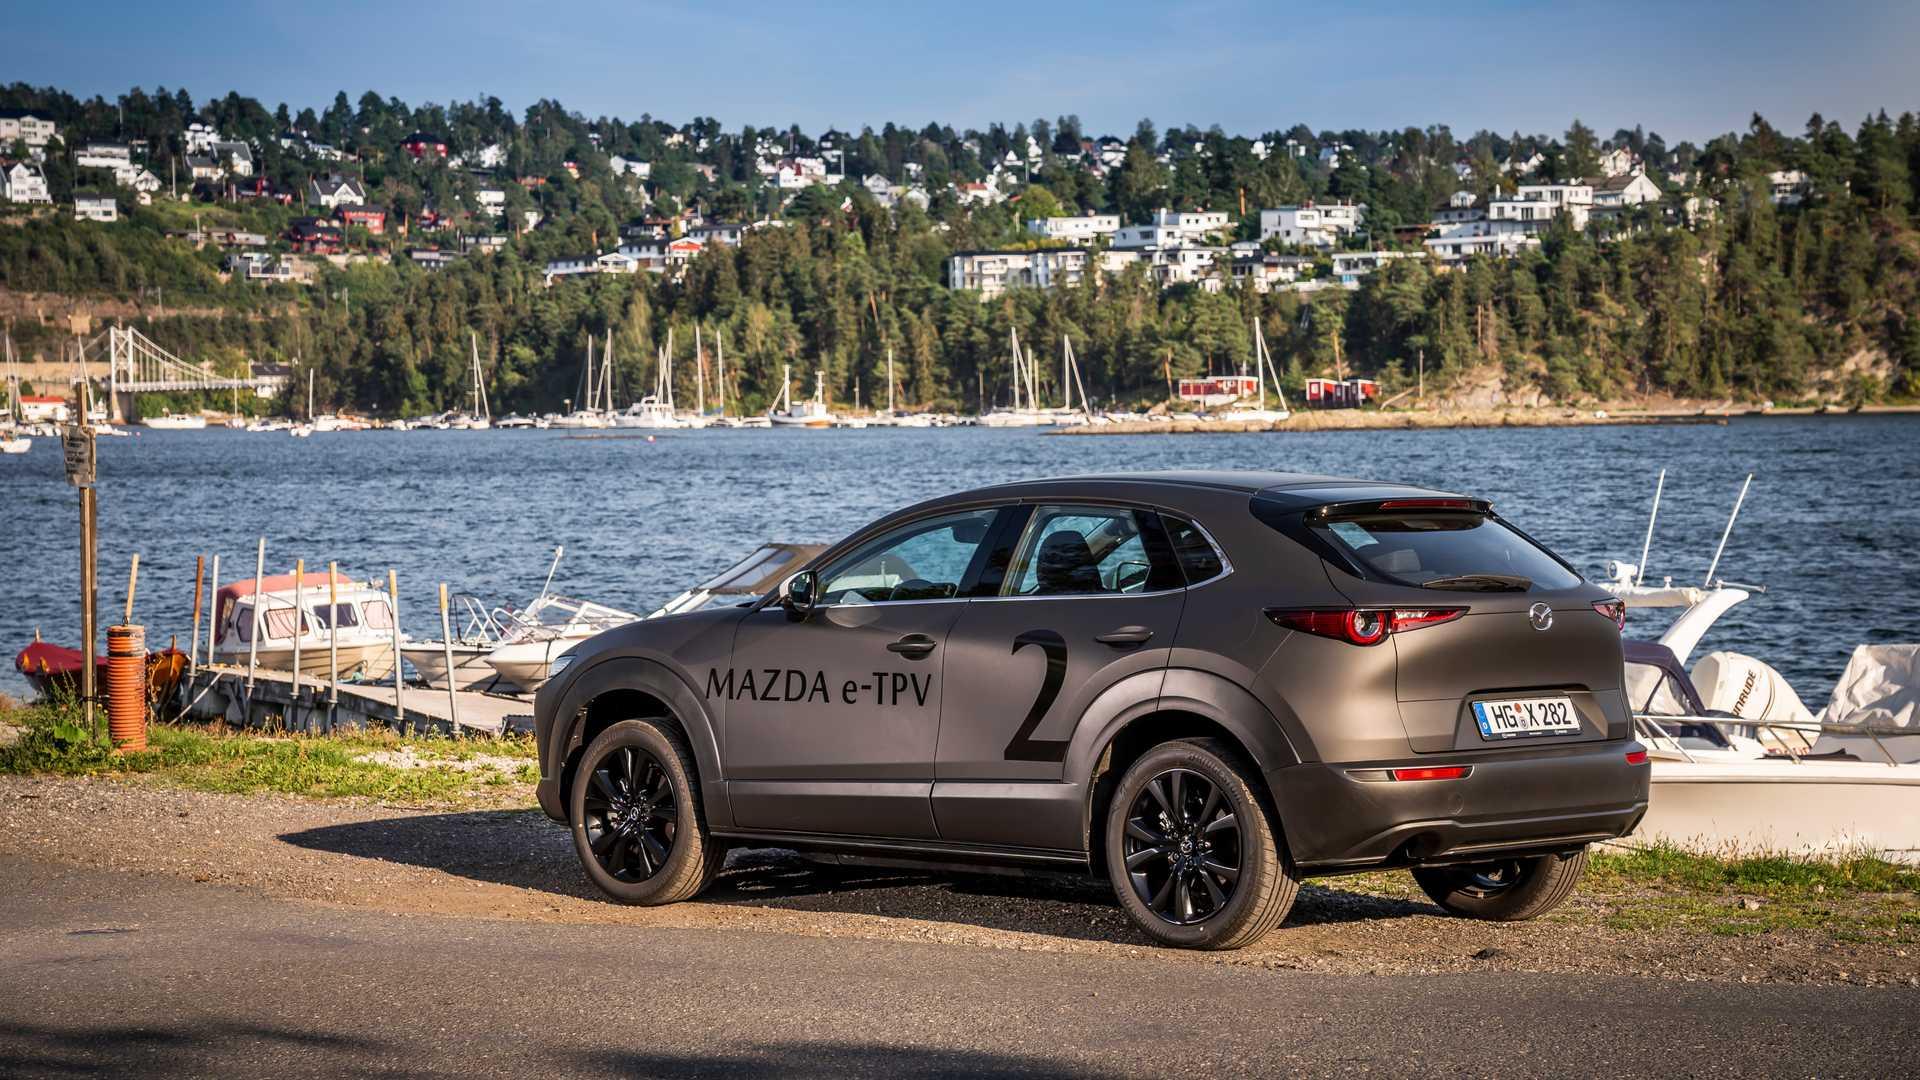 Mazda-e-TPV-concept-4